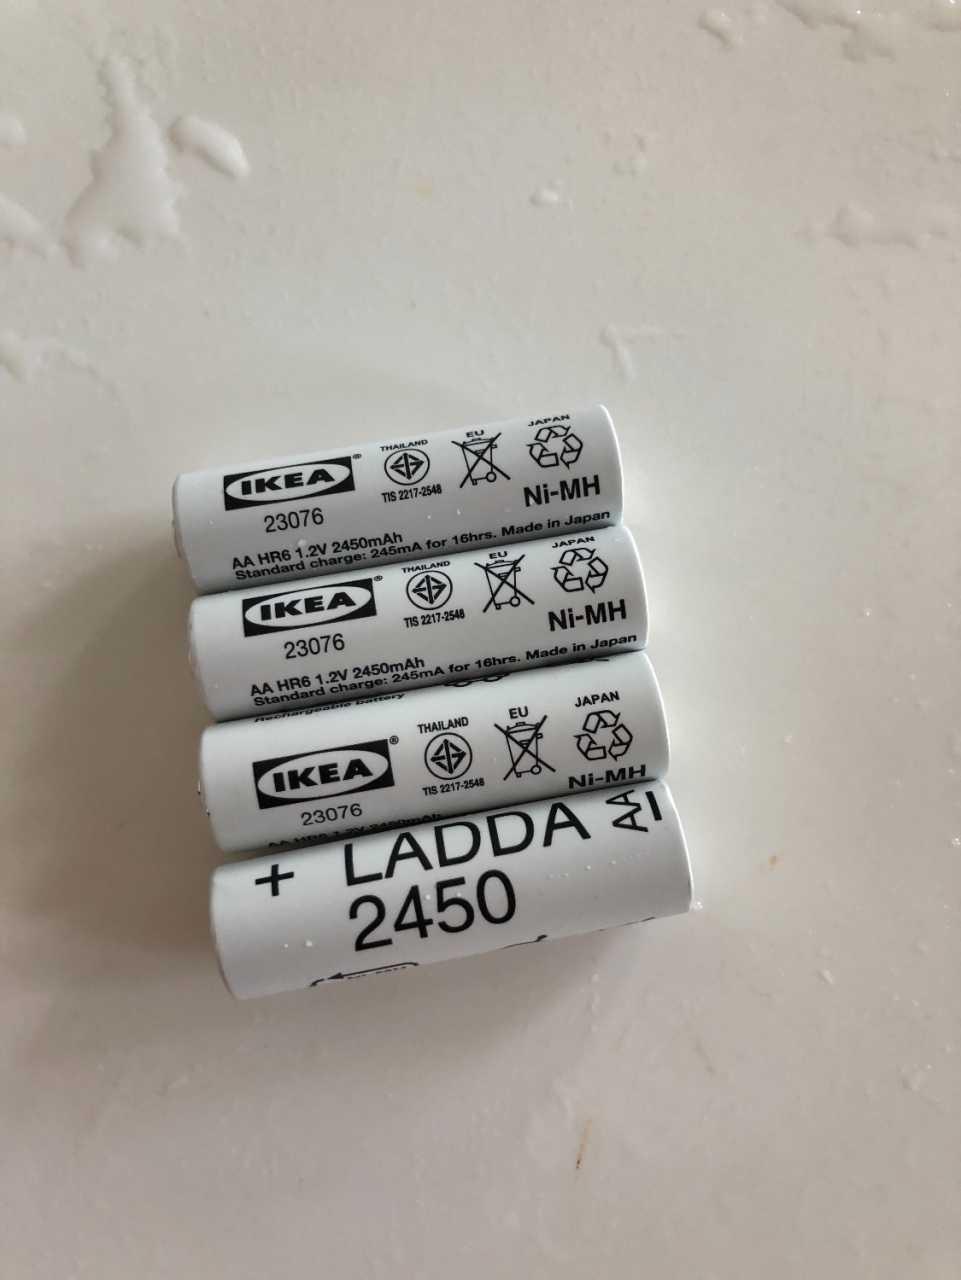 5234AB53-43BC-4F1A-8C9A-004674FAAA65.jpeg